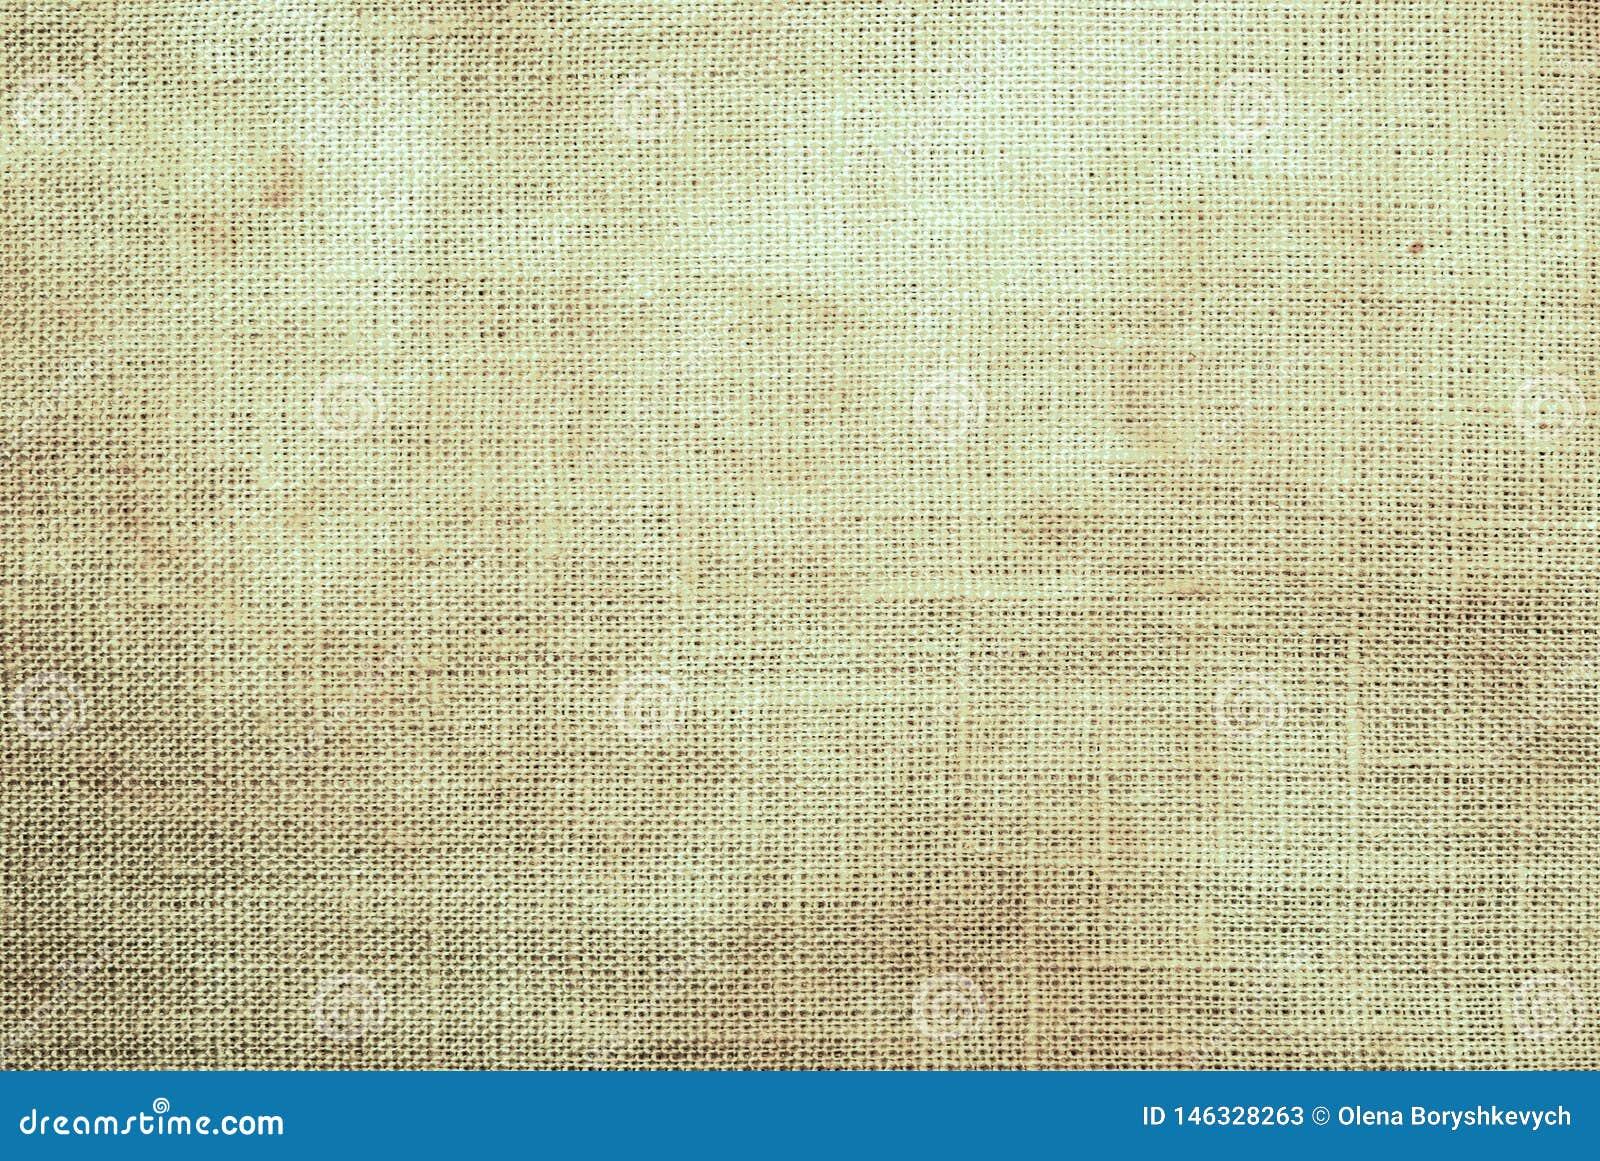 Fondo texturizado de la tela arrugada beige